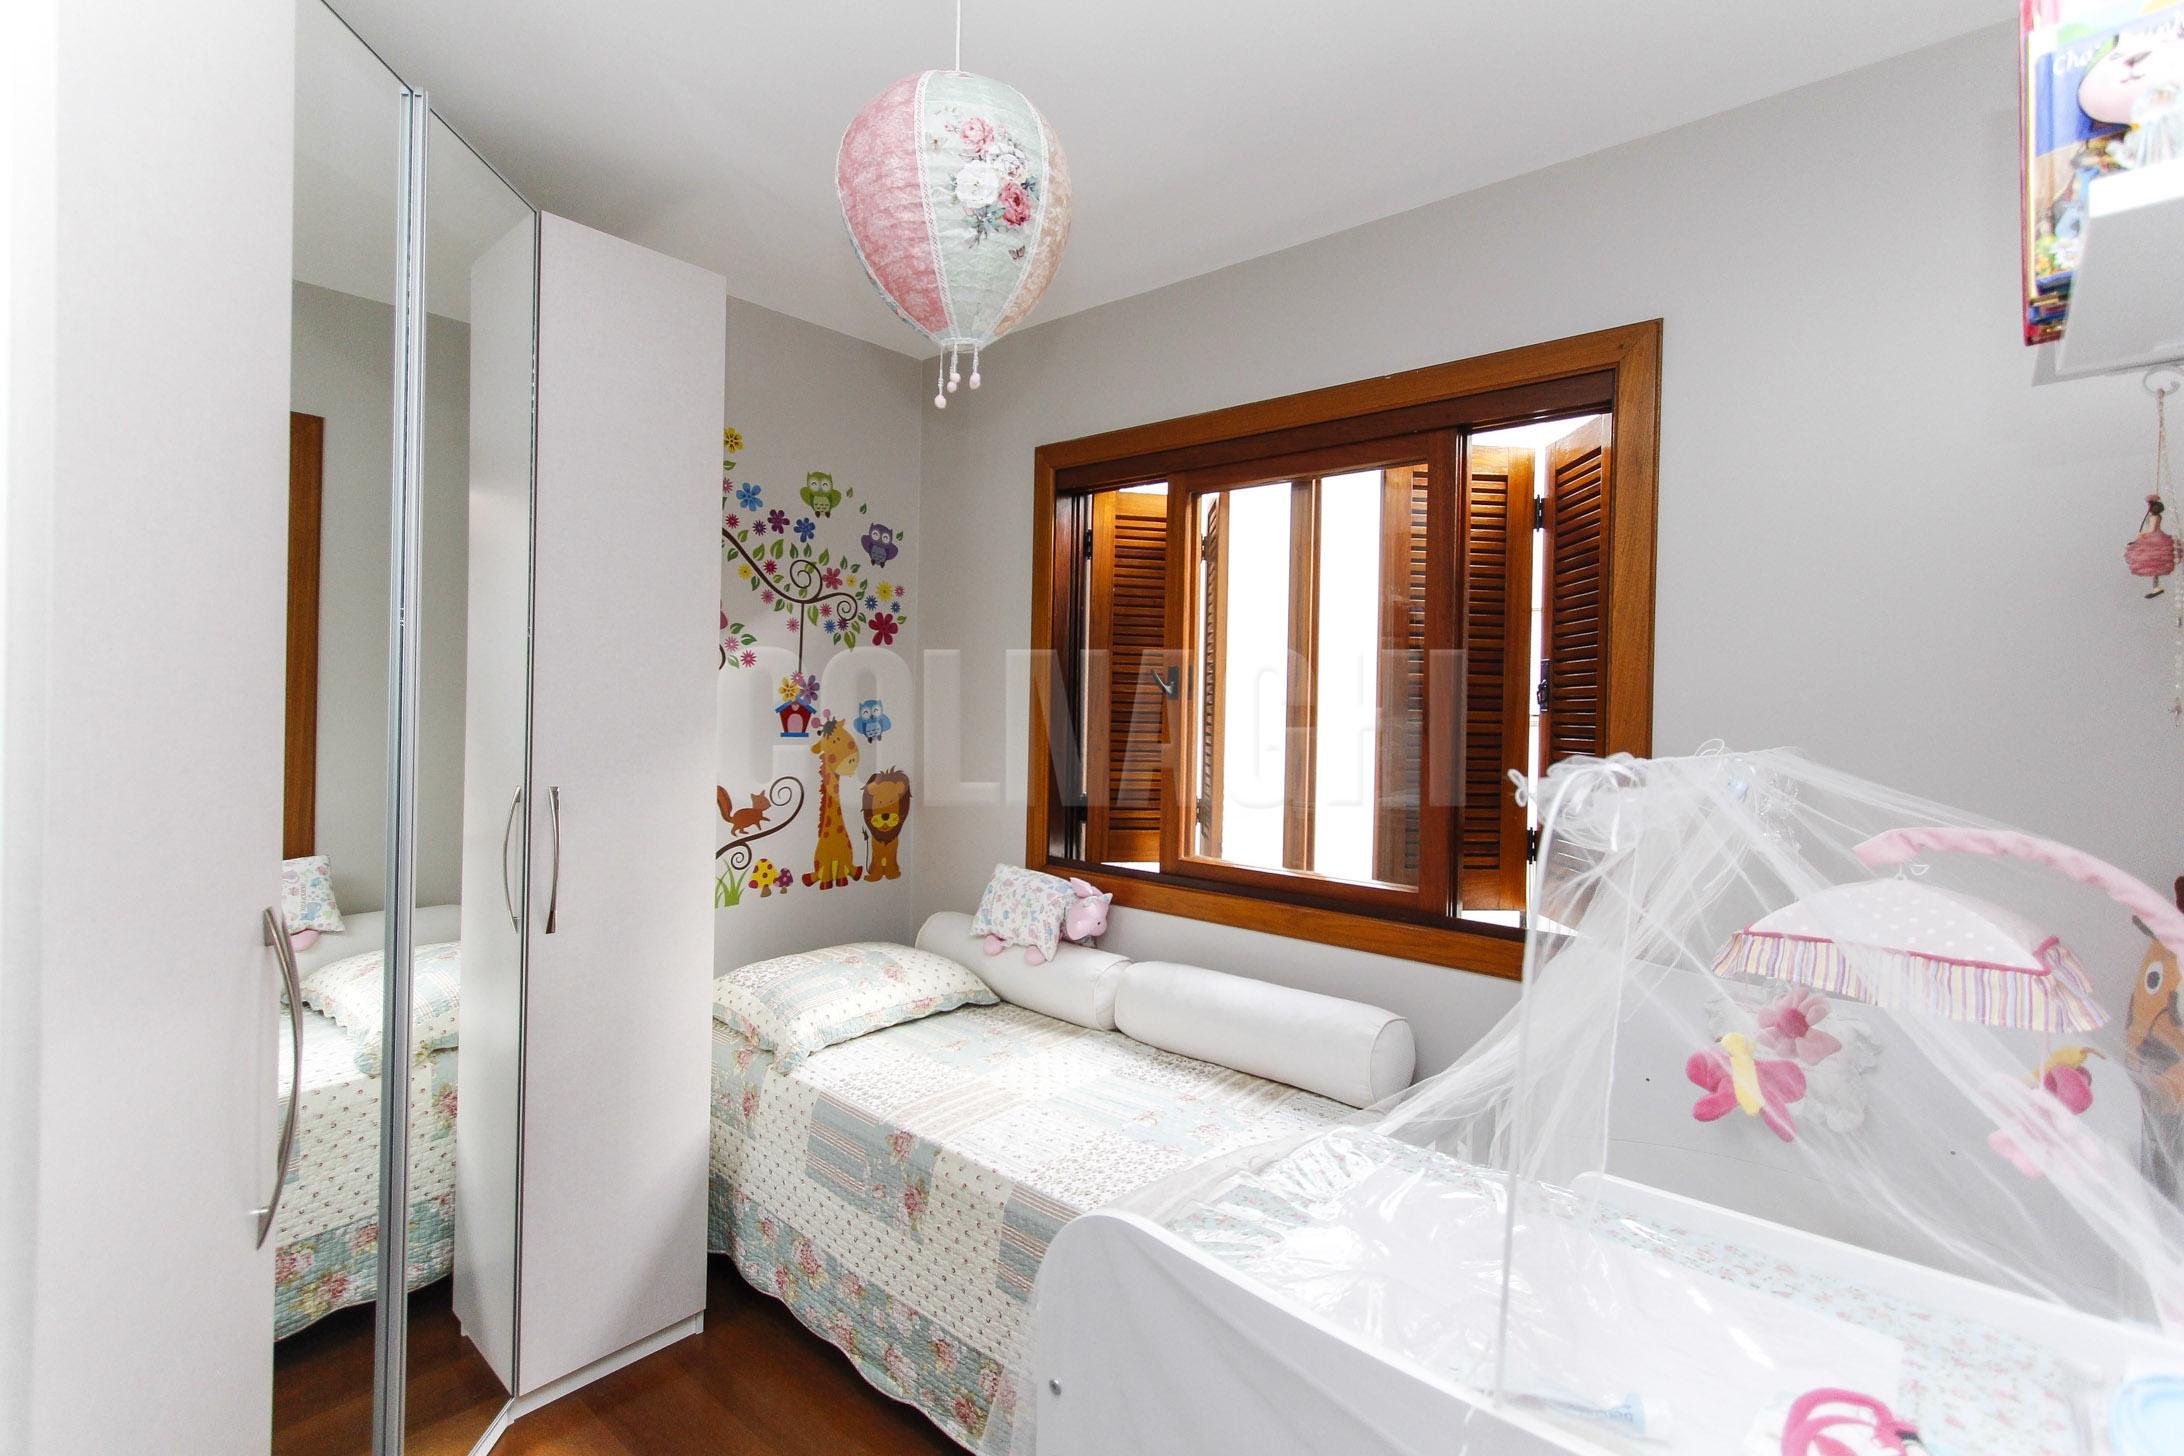 Saint Anton - Apto 2 Dorm, Bela Vista, Porto Alegre (CL8621) - Foto 8